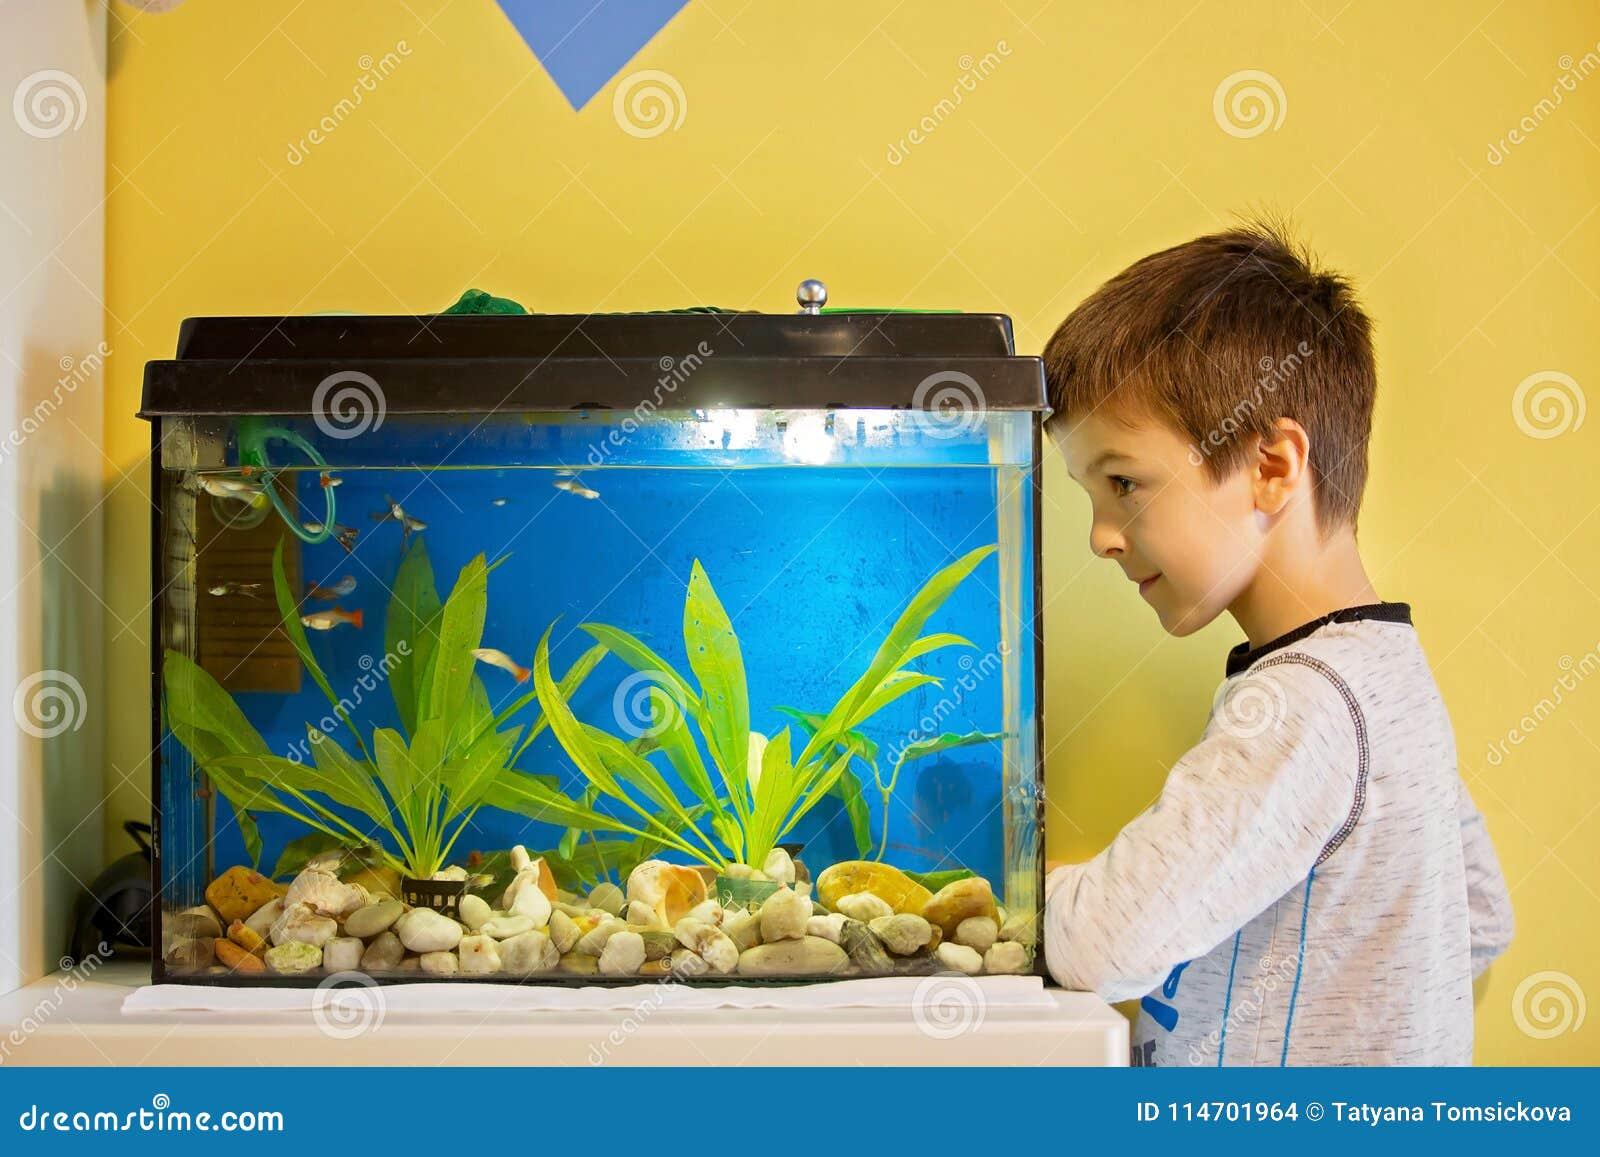 Poco niño, estudiando pescados en un acuario, acuario